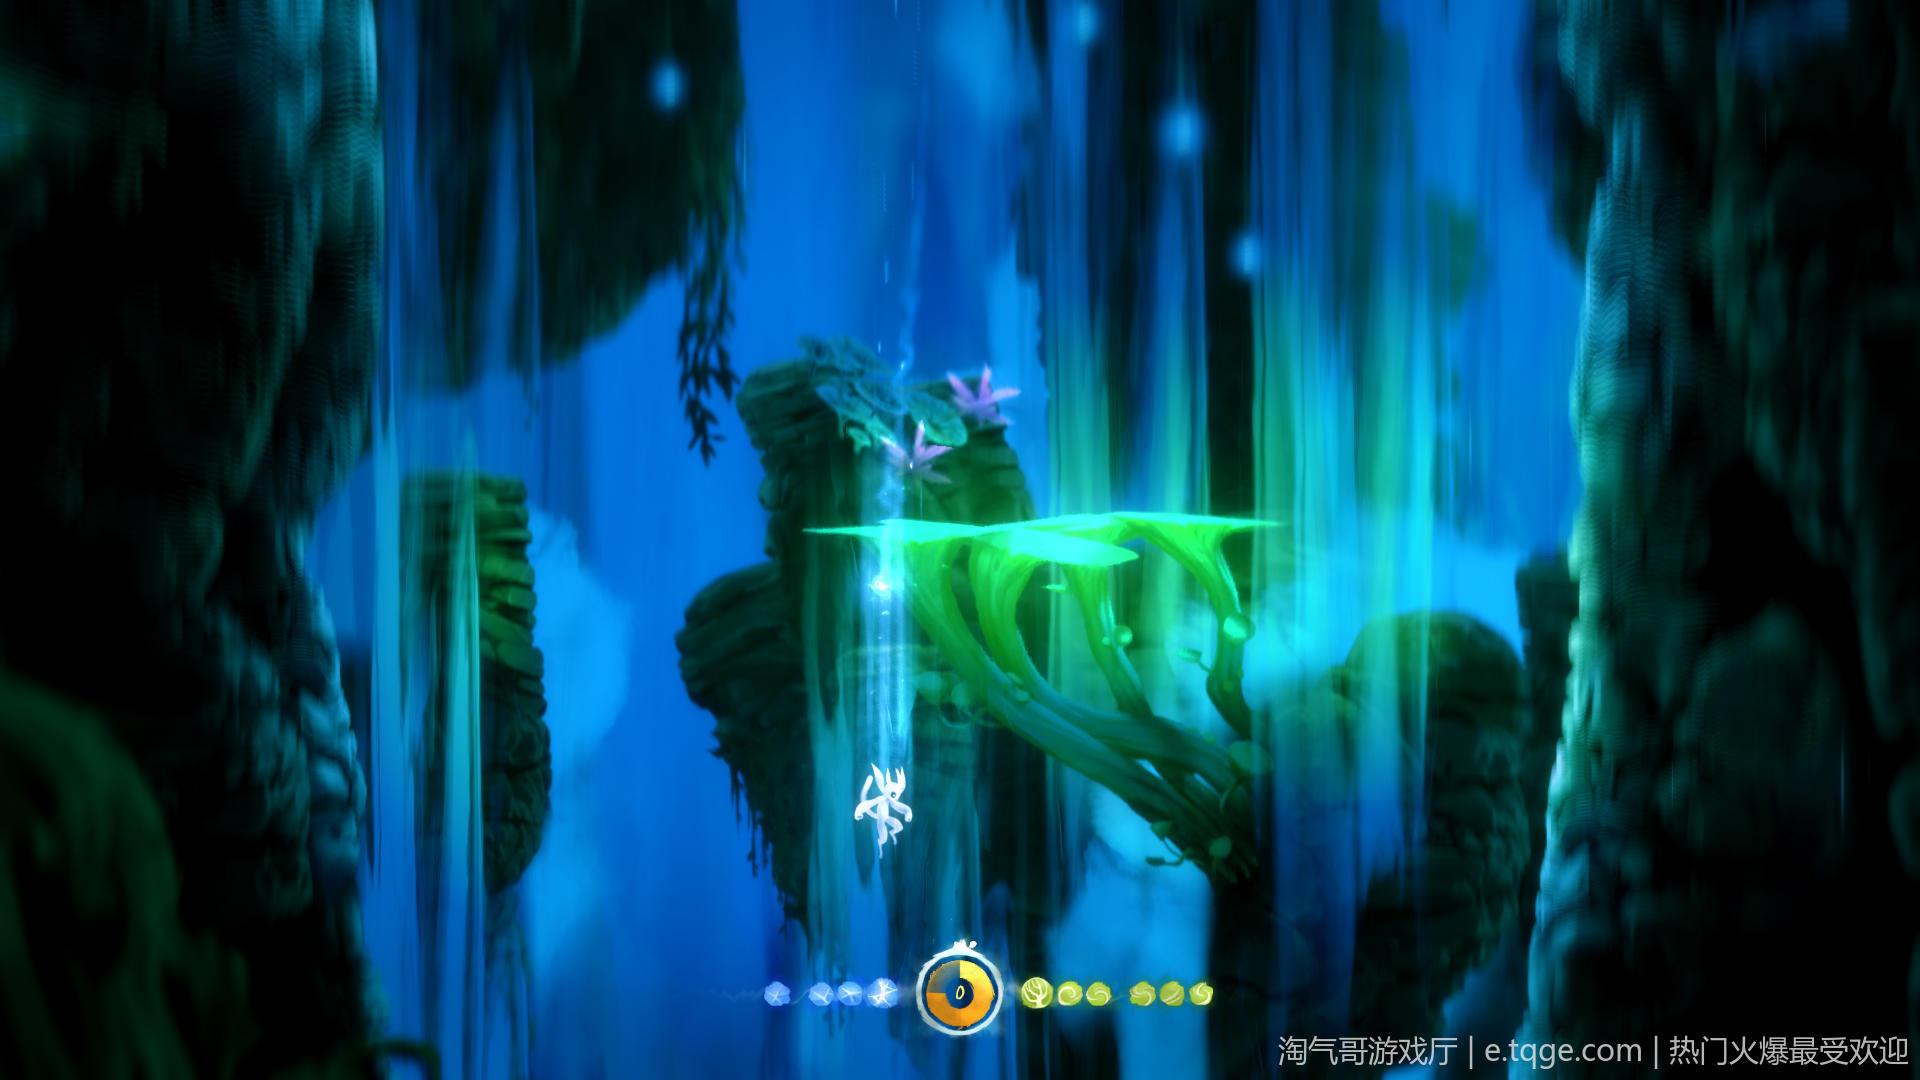 奥日与黑暗森林:终极版/精灵与黑暗森林 动作冒险 第14张